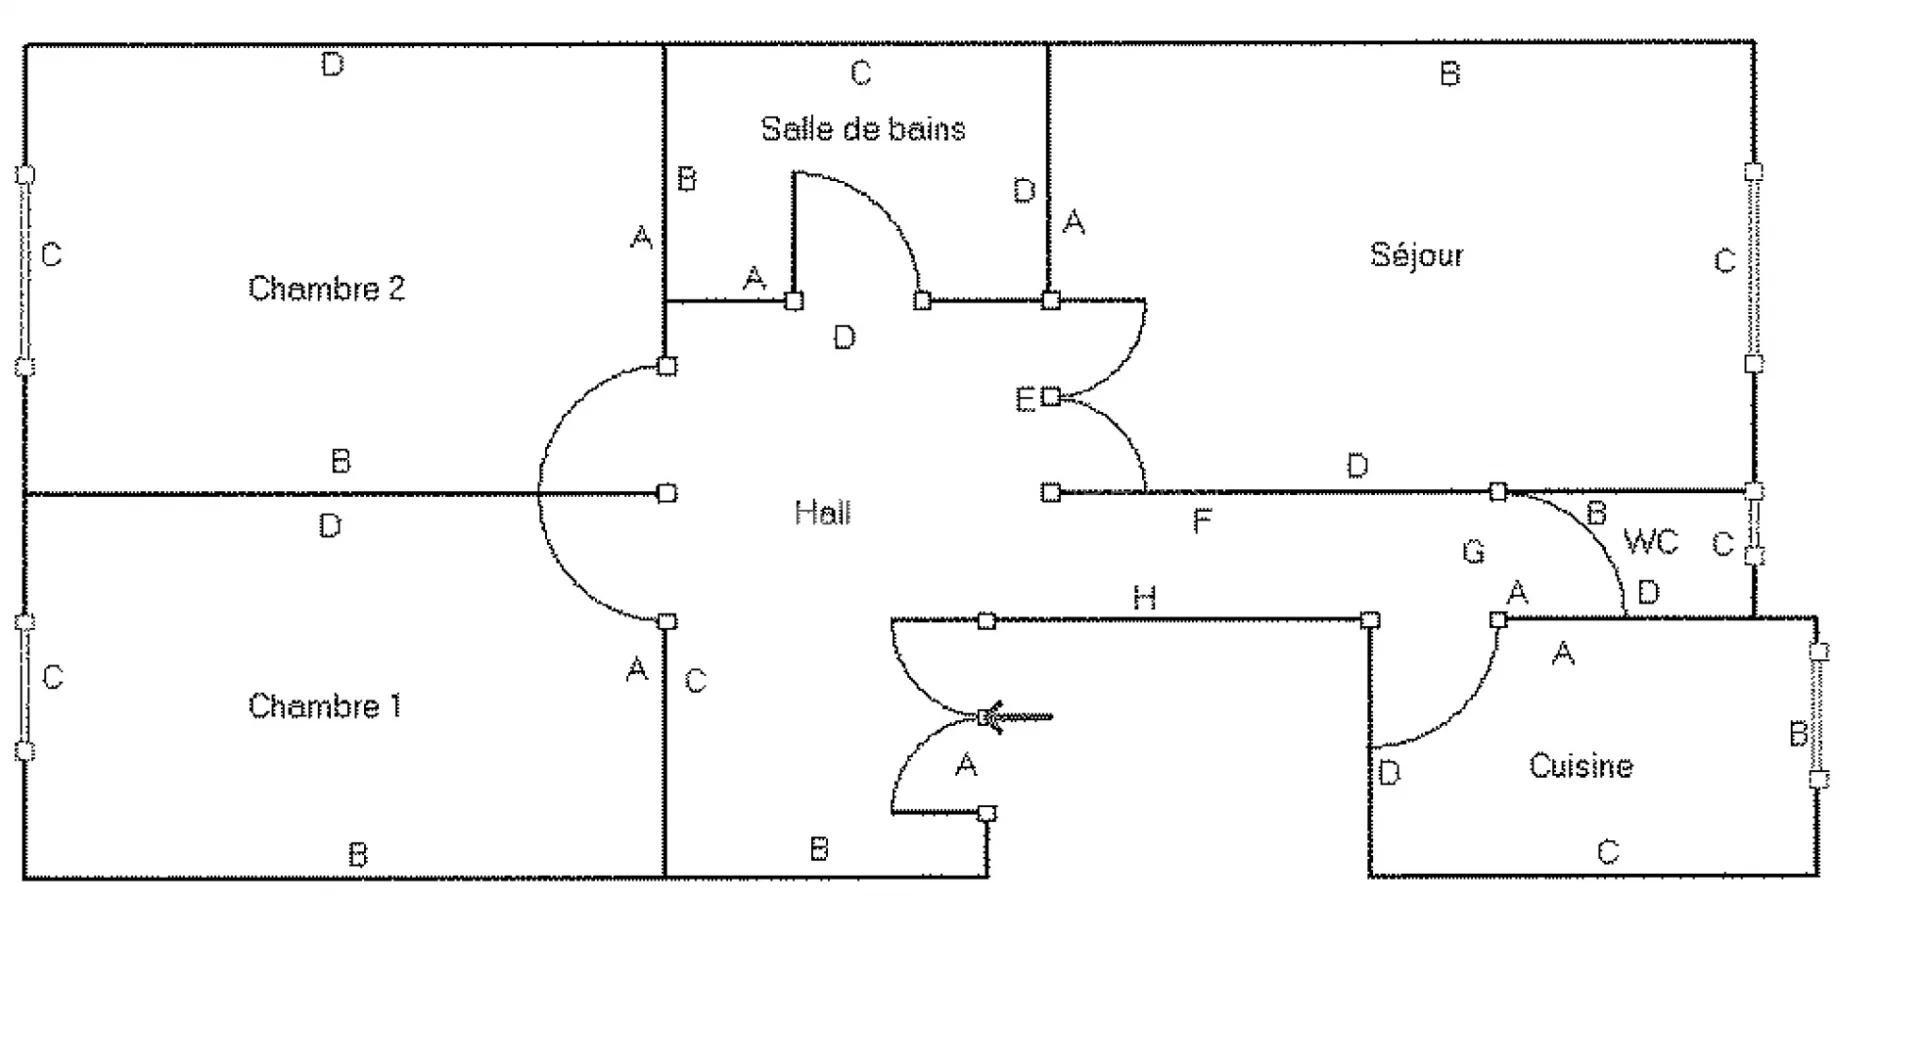 SALE - 2 BEDROOMS FLAT NICE AVENUE DES FLEURS